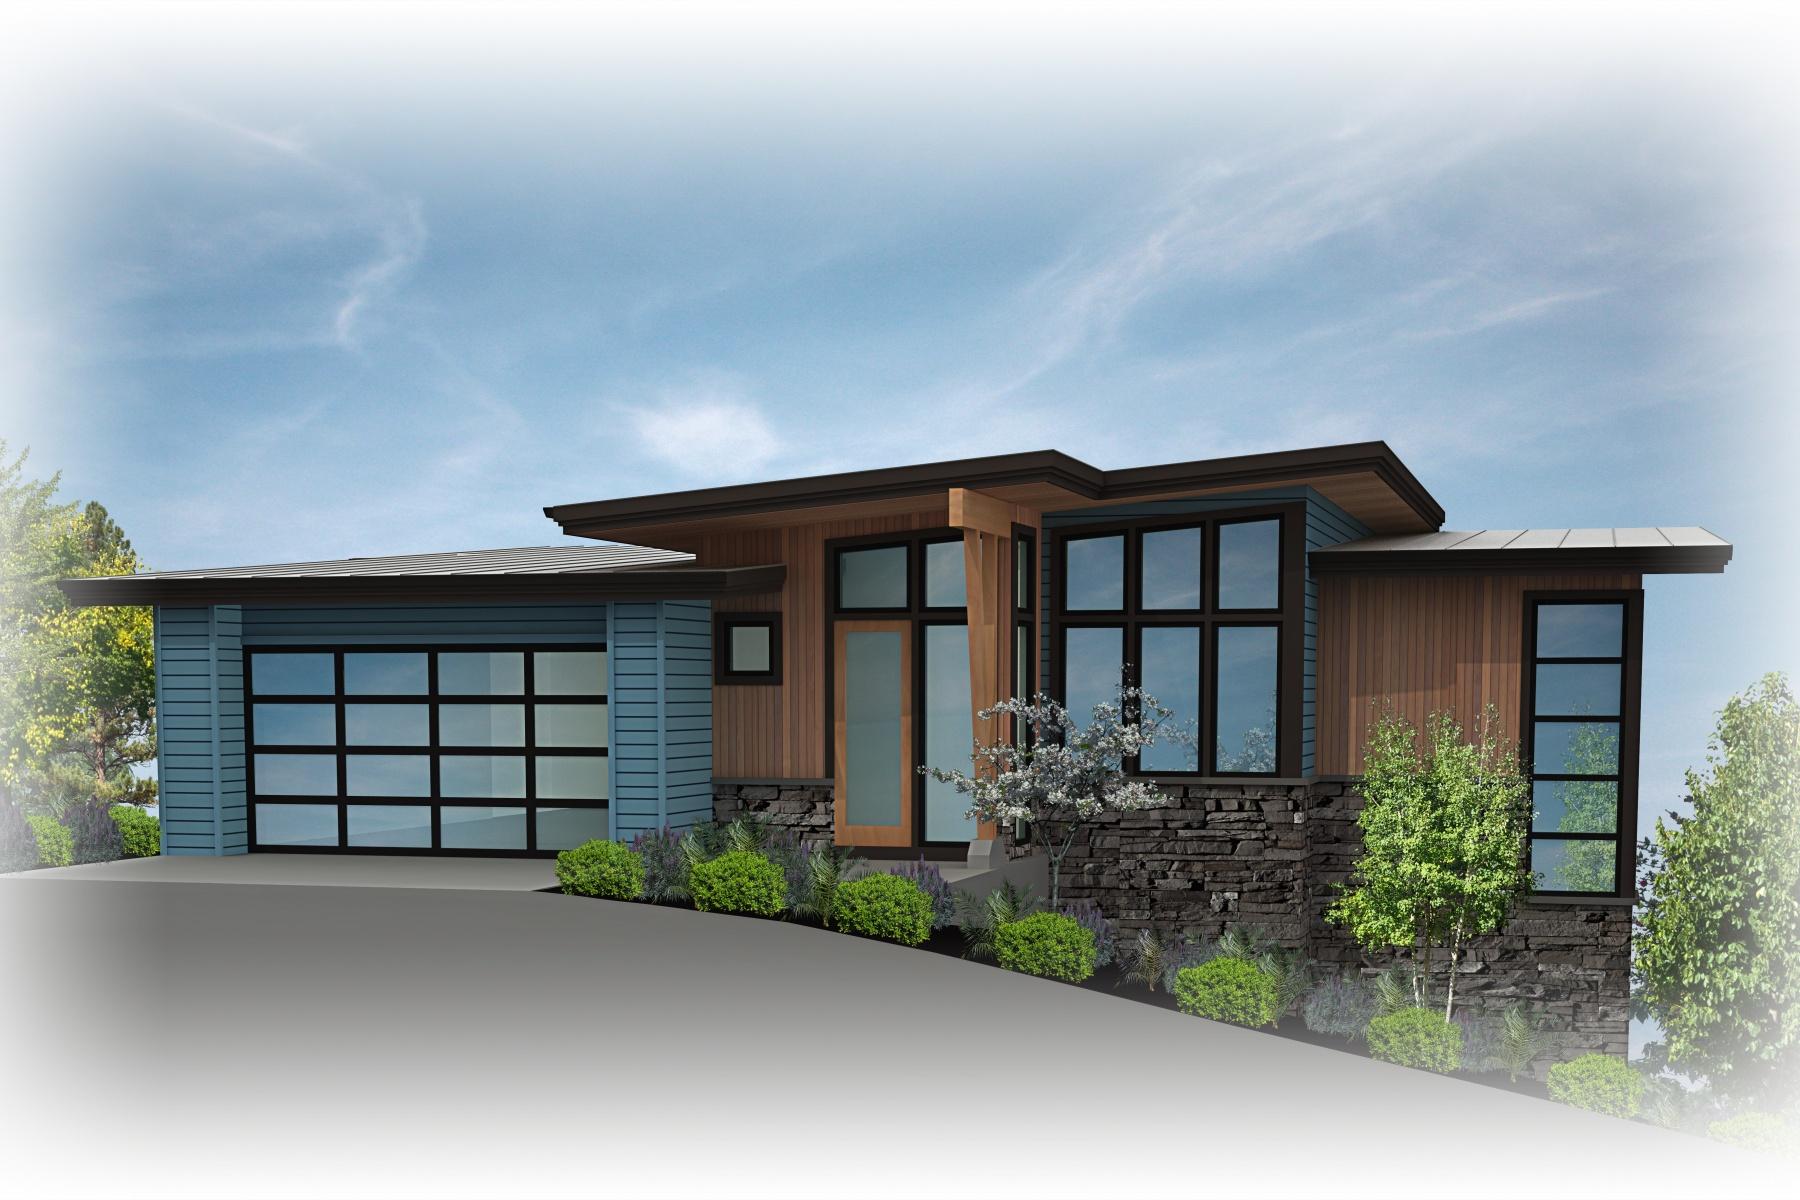 独户住宅 为 销售 在 2636 SW 17TH AVE, PORTLAND 波特兰, 俄勒冈州, 97201 美国